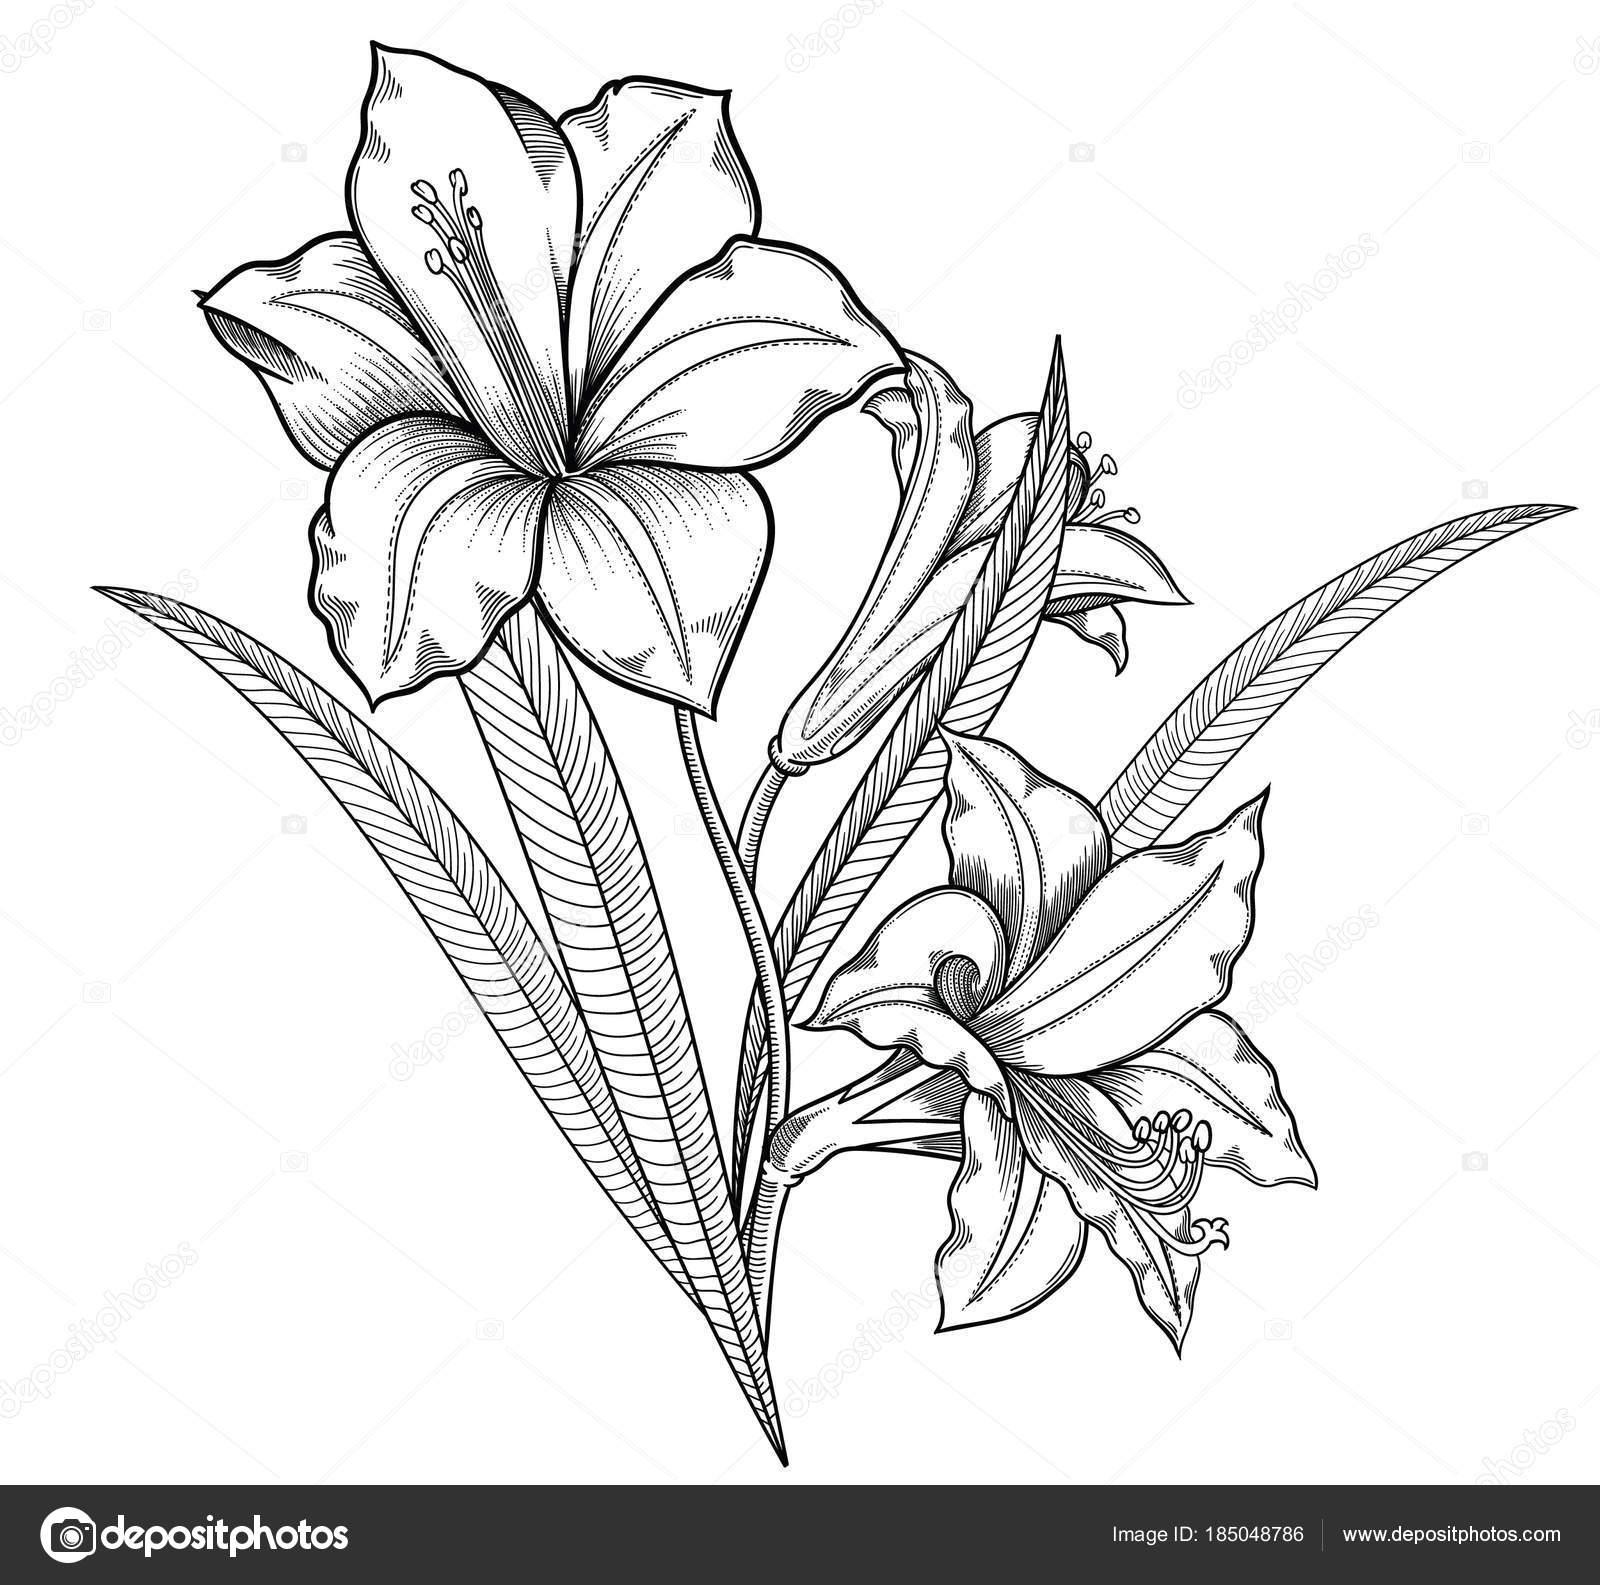 Bluhende Lilie Blumen Detaillierte Handgezeichnete Vektor